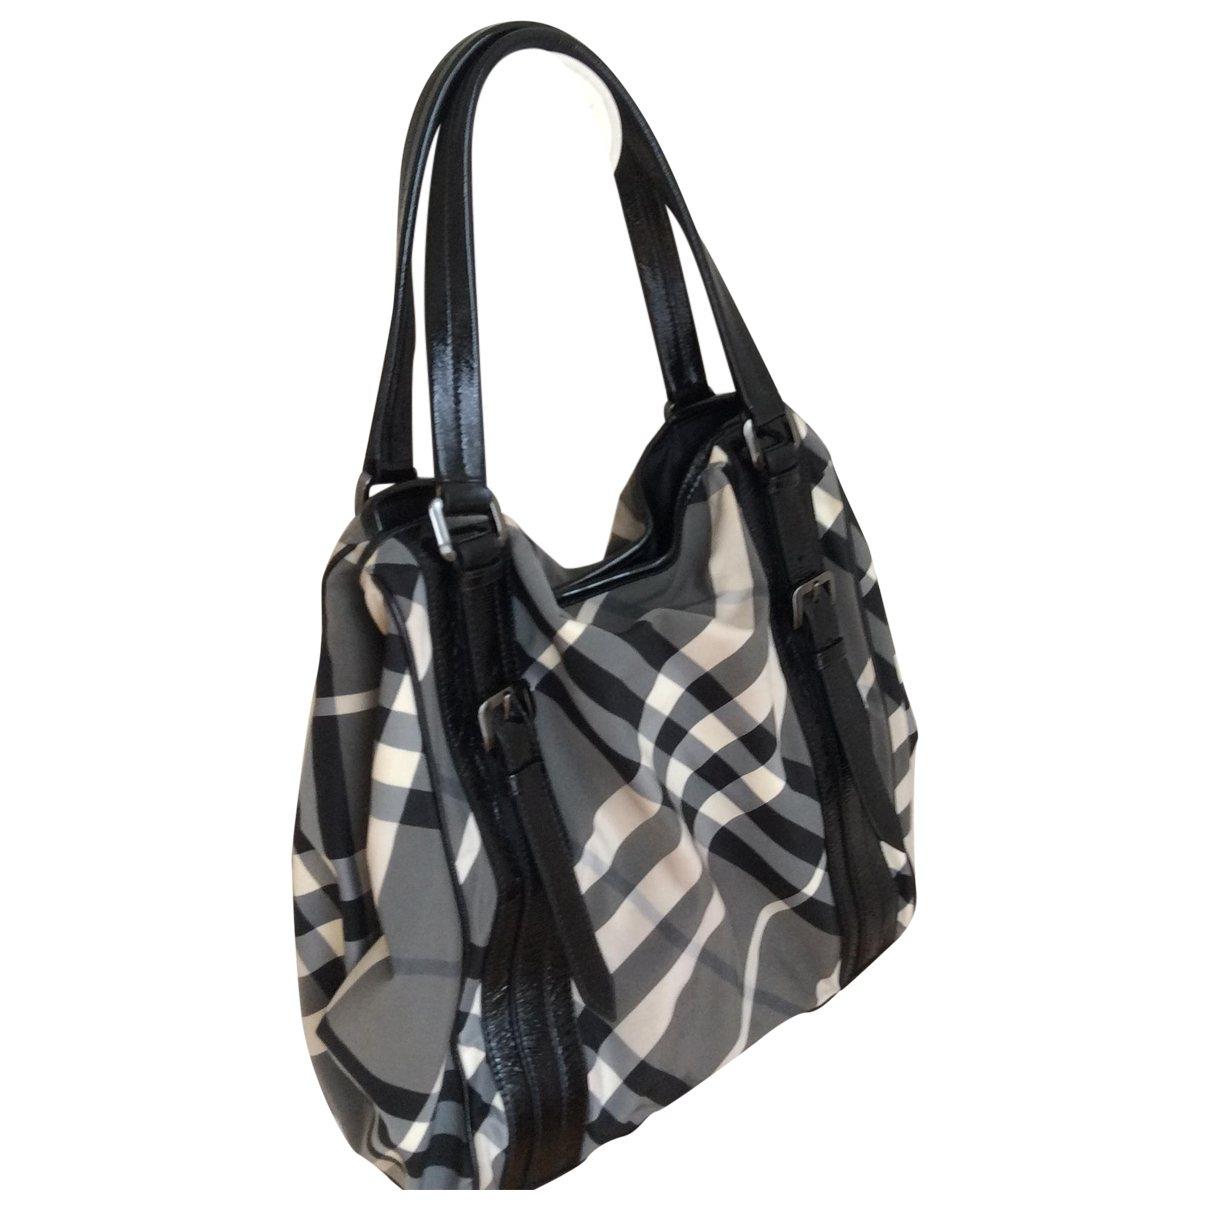 Burberry \N Anthracite handbag for Women \N